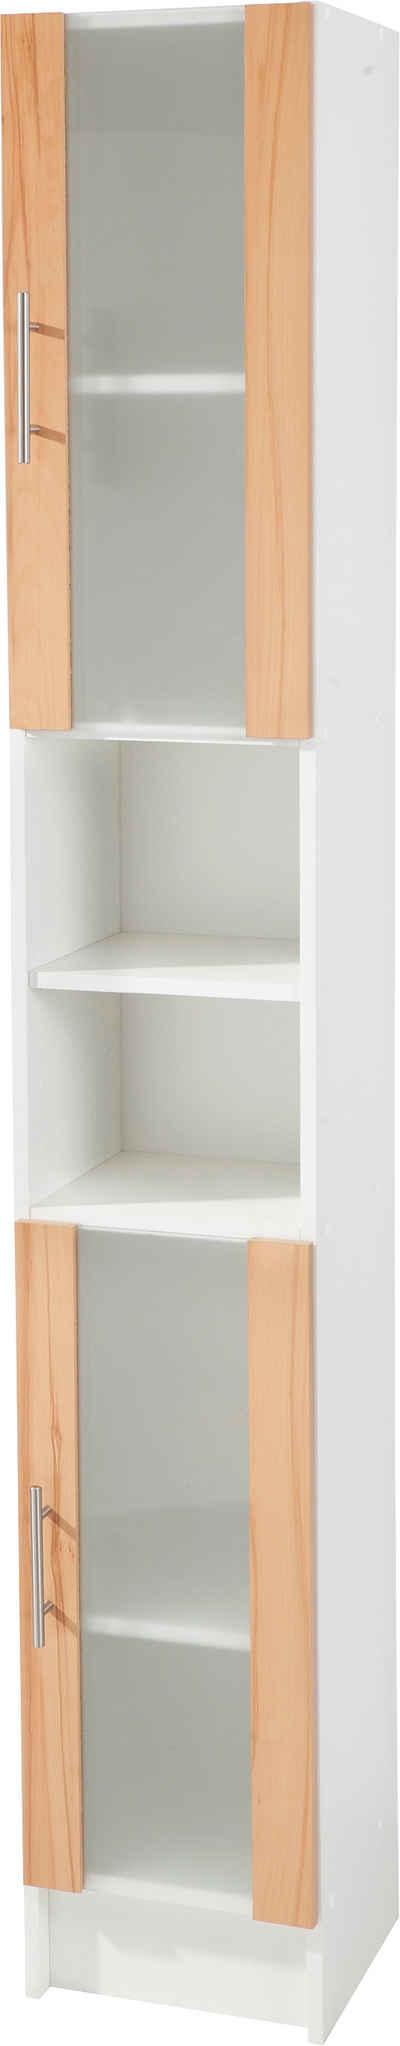 günstige bad-hochschränke » reduziert im sale | otto - Hochschrank 30 Cm Breit Küche